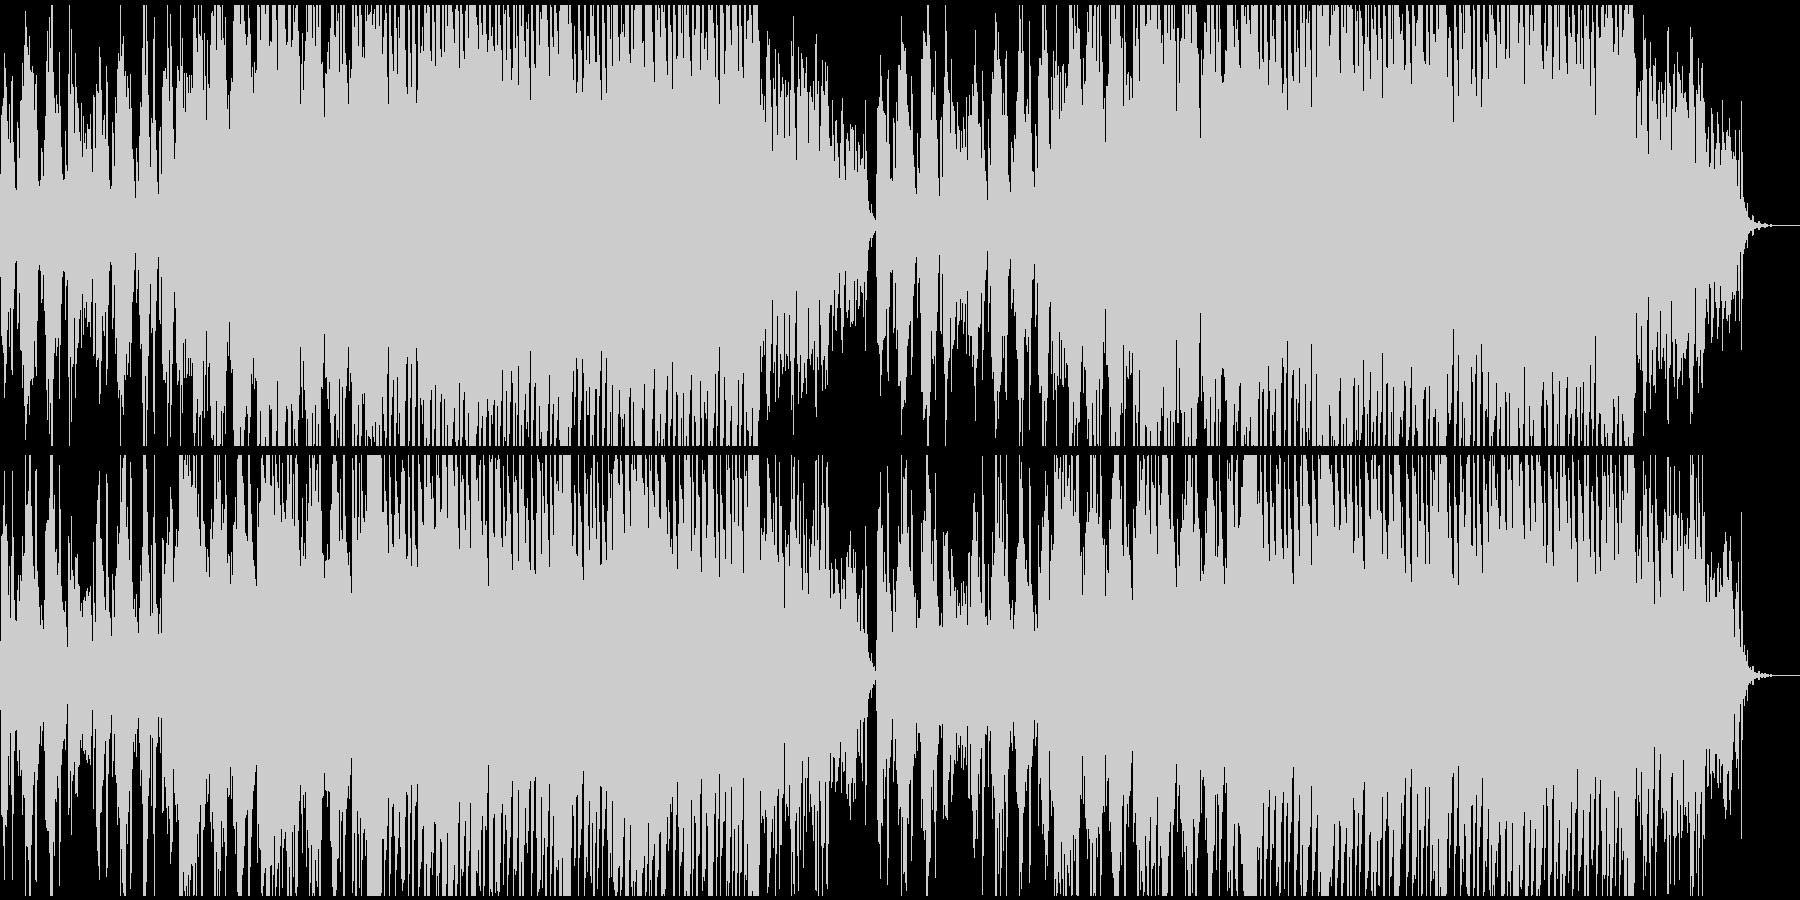 爽やかなピアノソロの未再生の波形